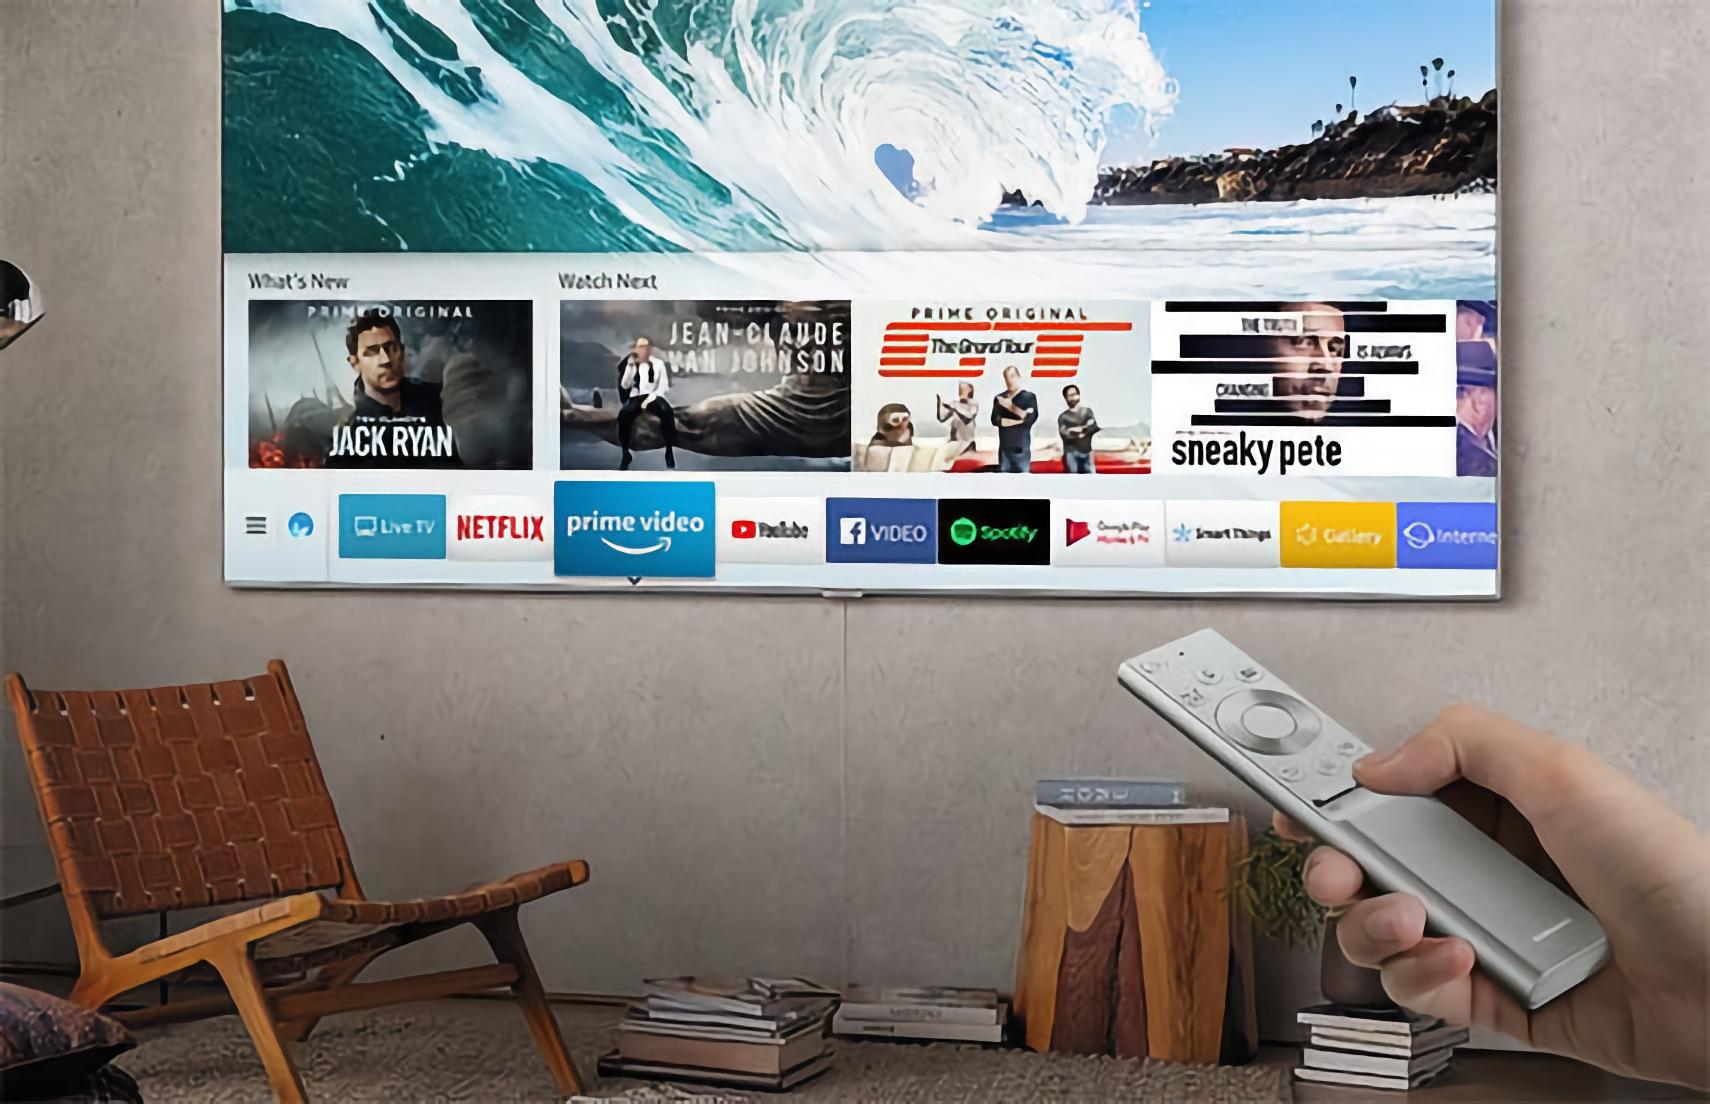 Неожиданно: Acer готовит к выходу линейку смарт-телевизоров с экранами от 32 до 70 дюймов, Android TV на борту и ценником от $269